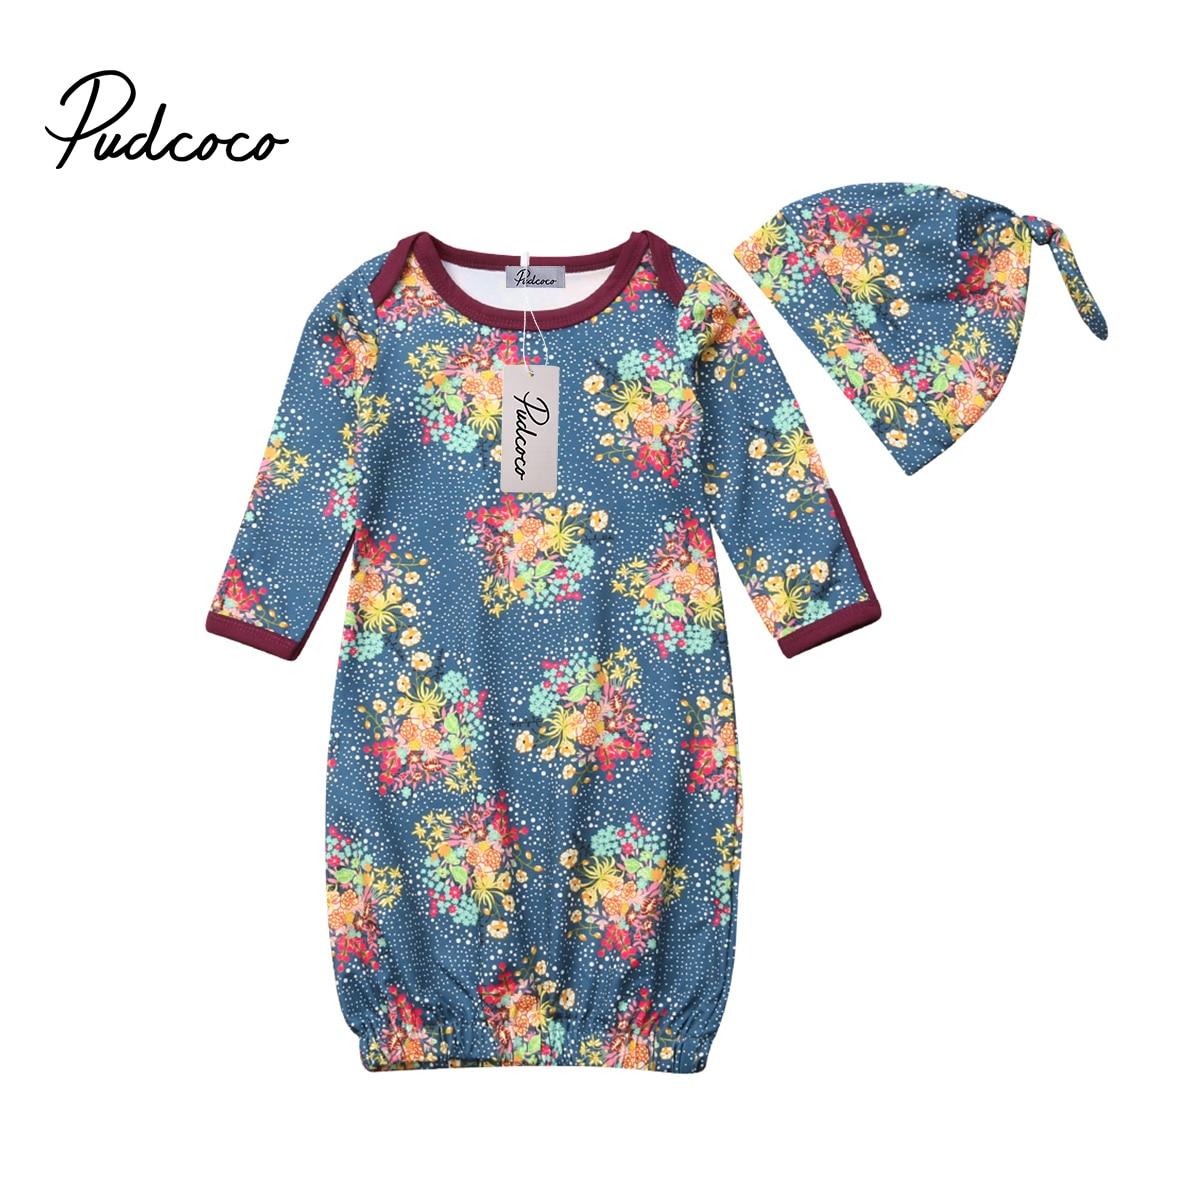 Pudcoco 2018 Nieuwe Tollder Kid Baby Kleding Pasgeboren Baby Meisje Jongen Inbakeren Wrap Deken Mousseline Bloemen Slaapzak + Hoed Cx